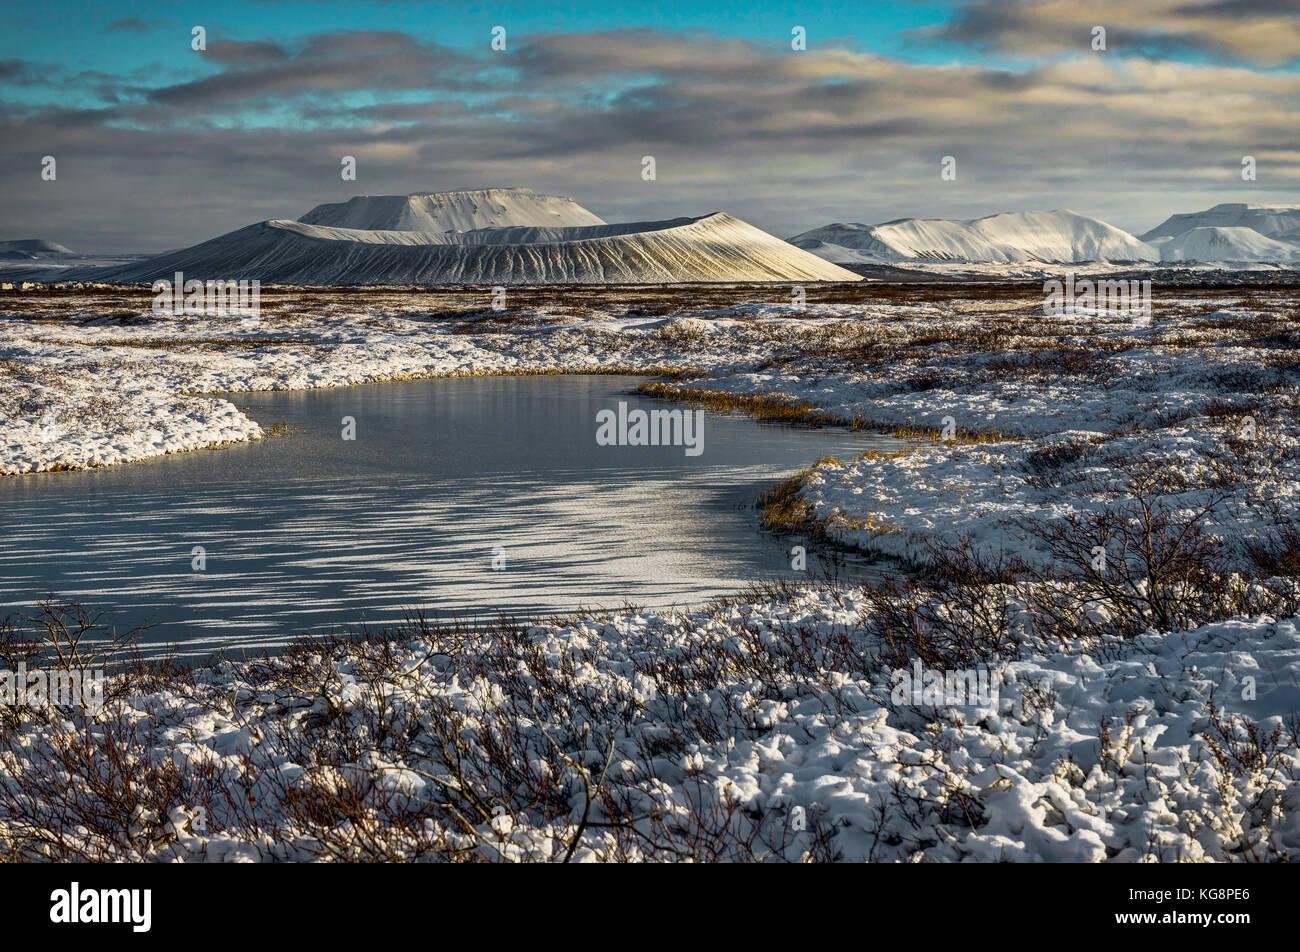 Paesaggio Di Natale con lago ghiacciato con Snow capped Hverfjall Immagini Stock